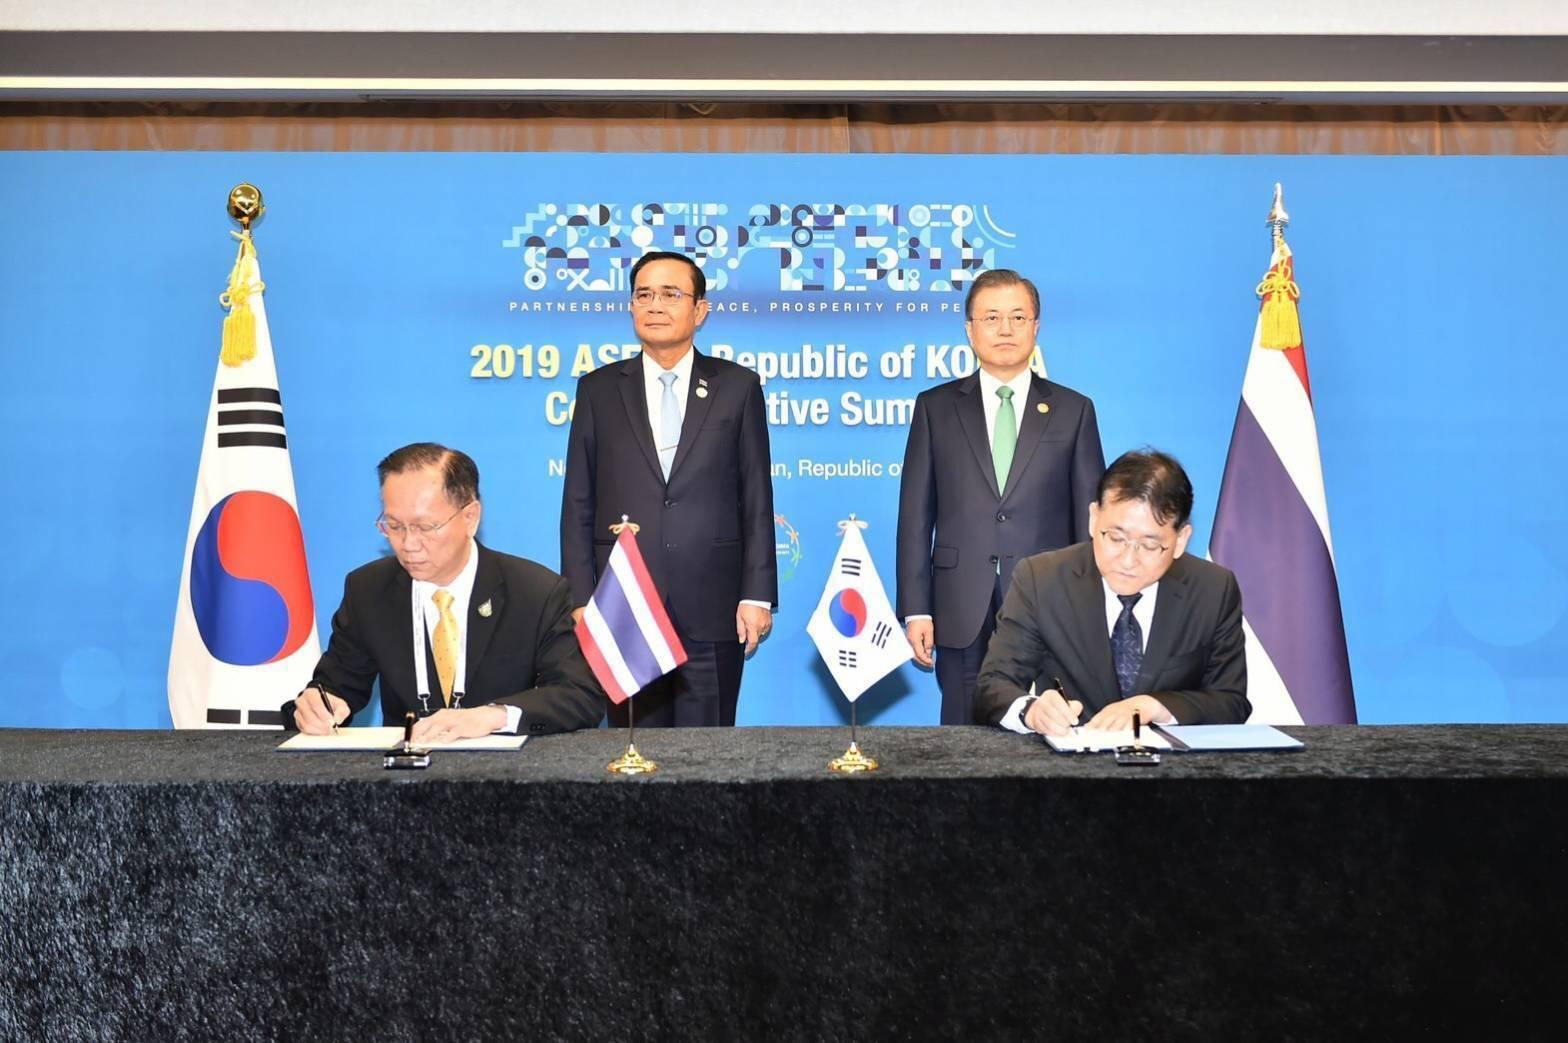 กรมการจัดหางานจับมือกับศูนย์บริการตรวจคนเข้าเมืองเกาหลี ทำ MOU แลกเปลี่ยนข้อมูลระหว่างกัน แก้ไขปัญหา